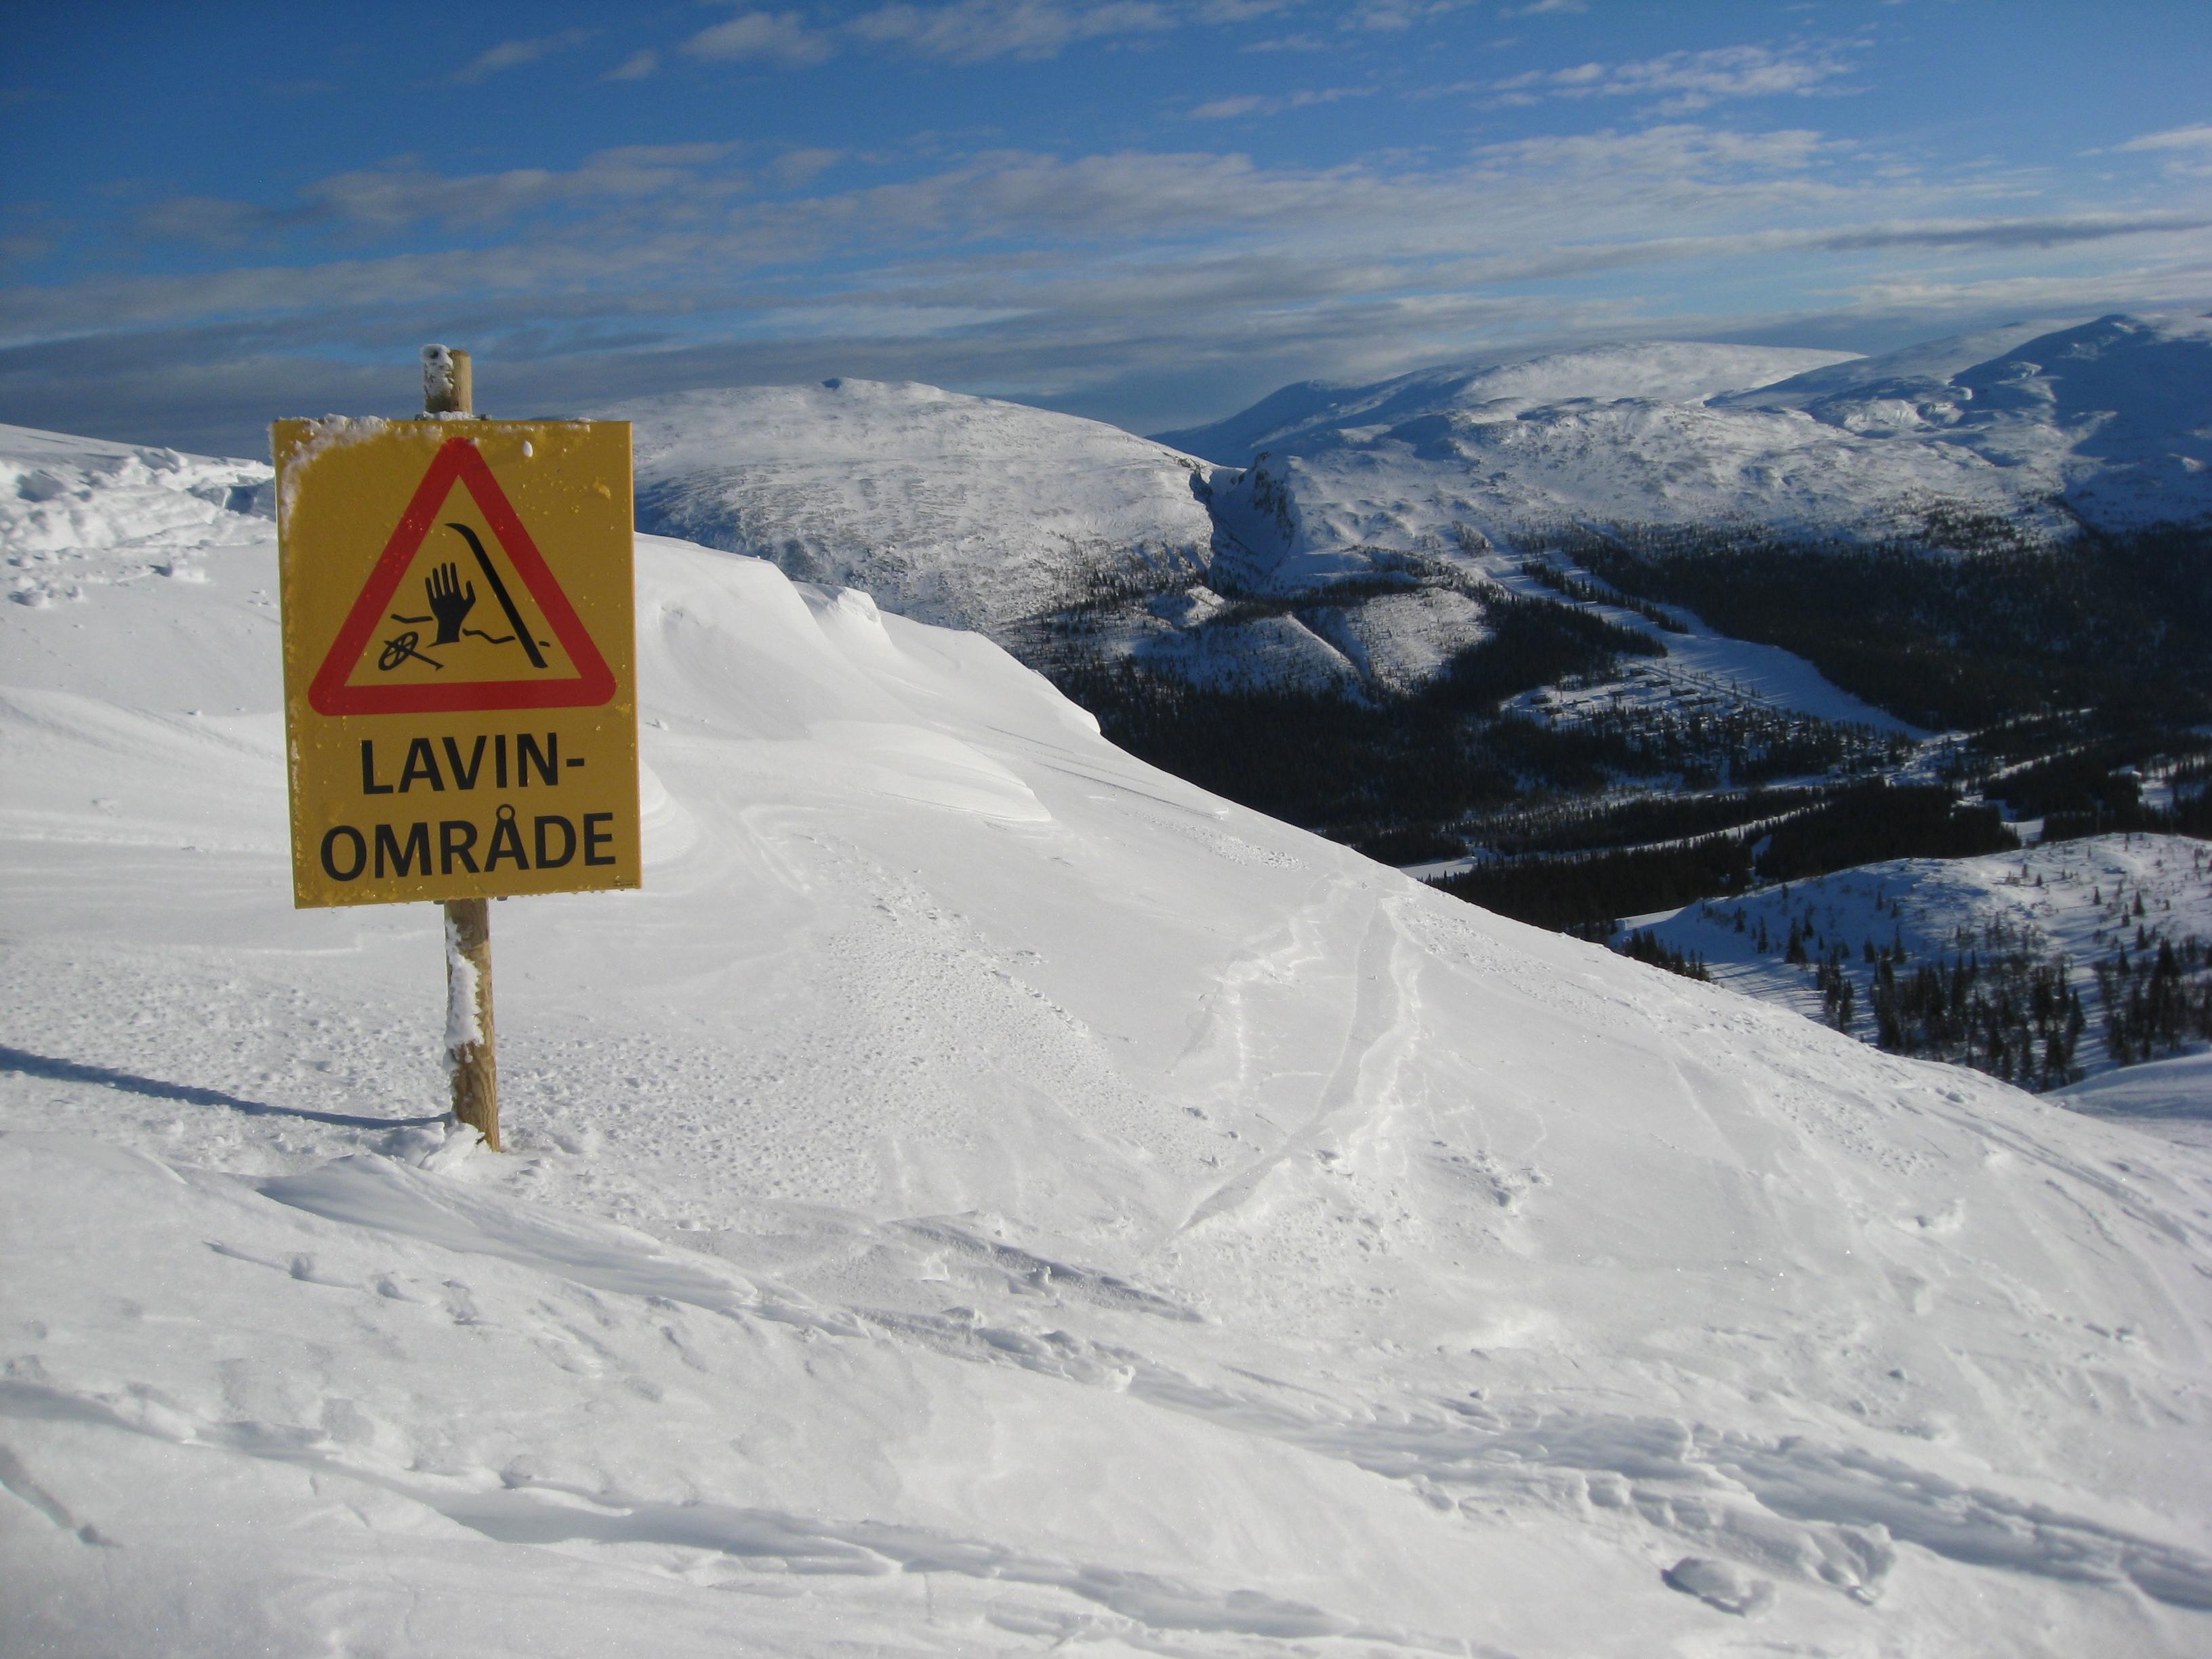 Lavinfara varningsskylt Bydalen